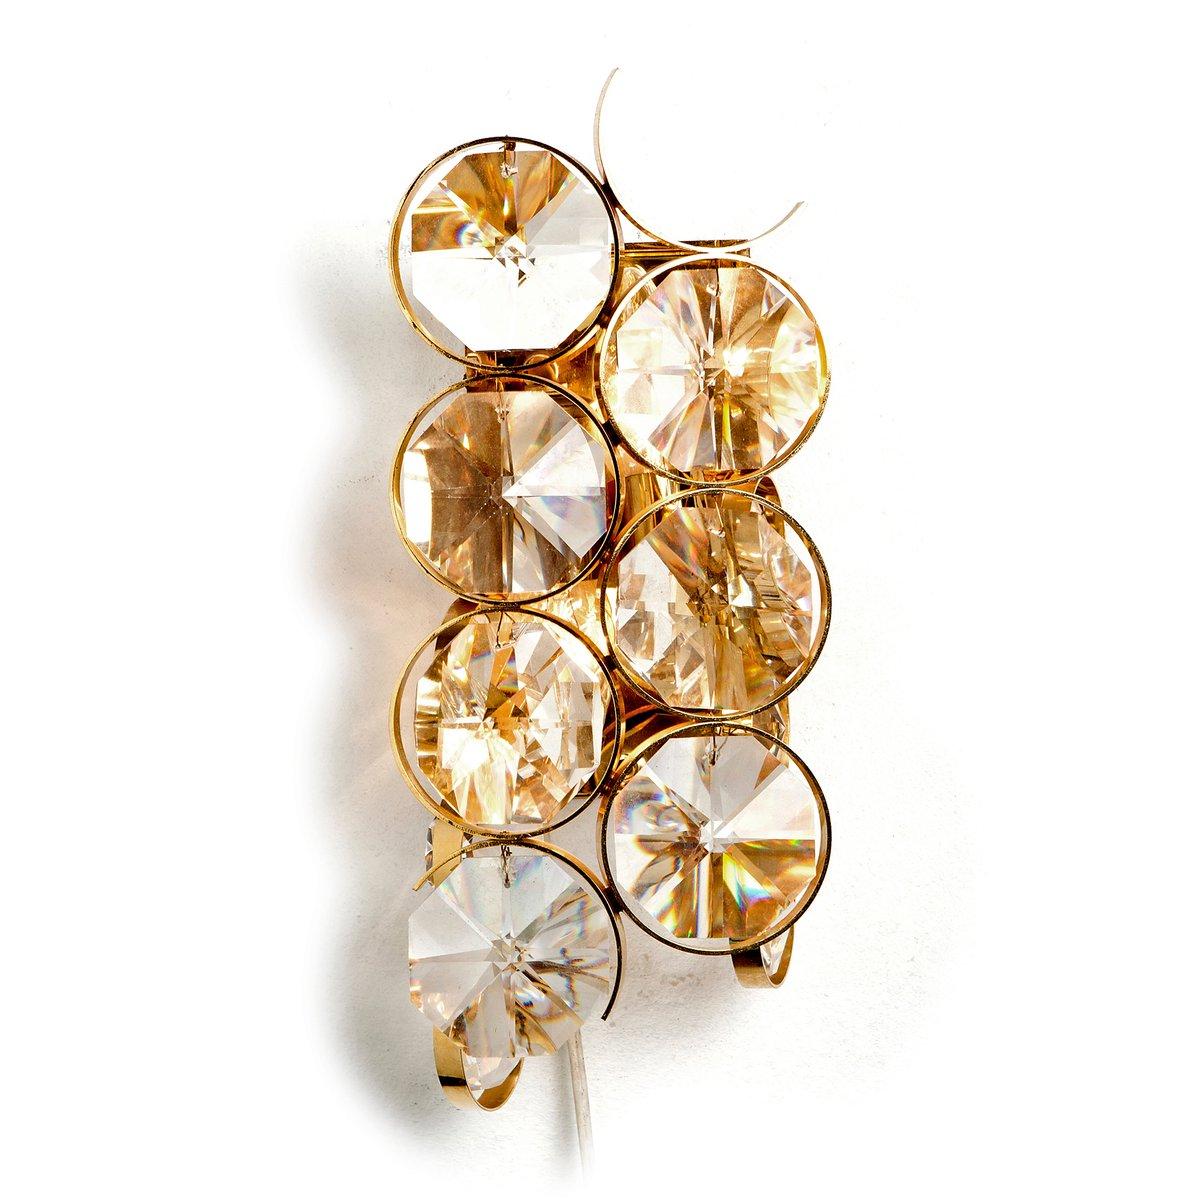 Wandlampe mit Zwei Leuchten aus Vergoldetem Messing und Rautenförmigen...